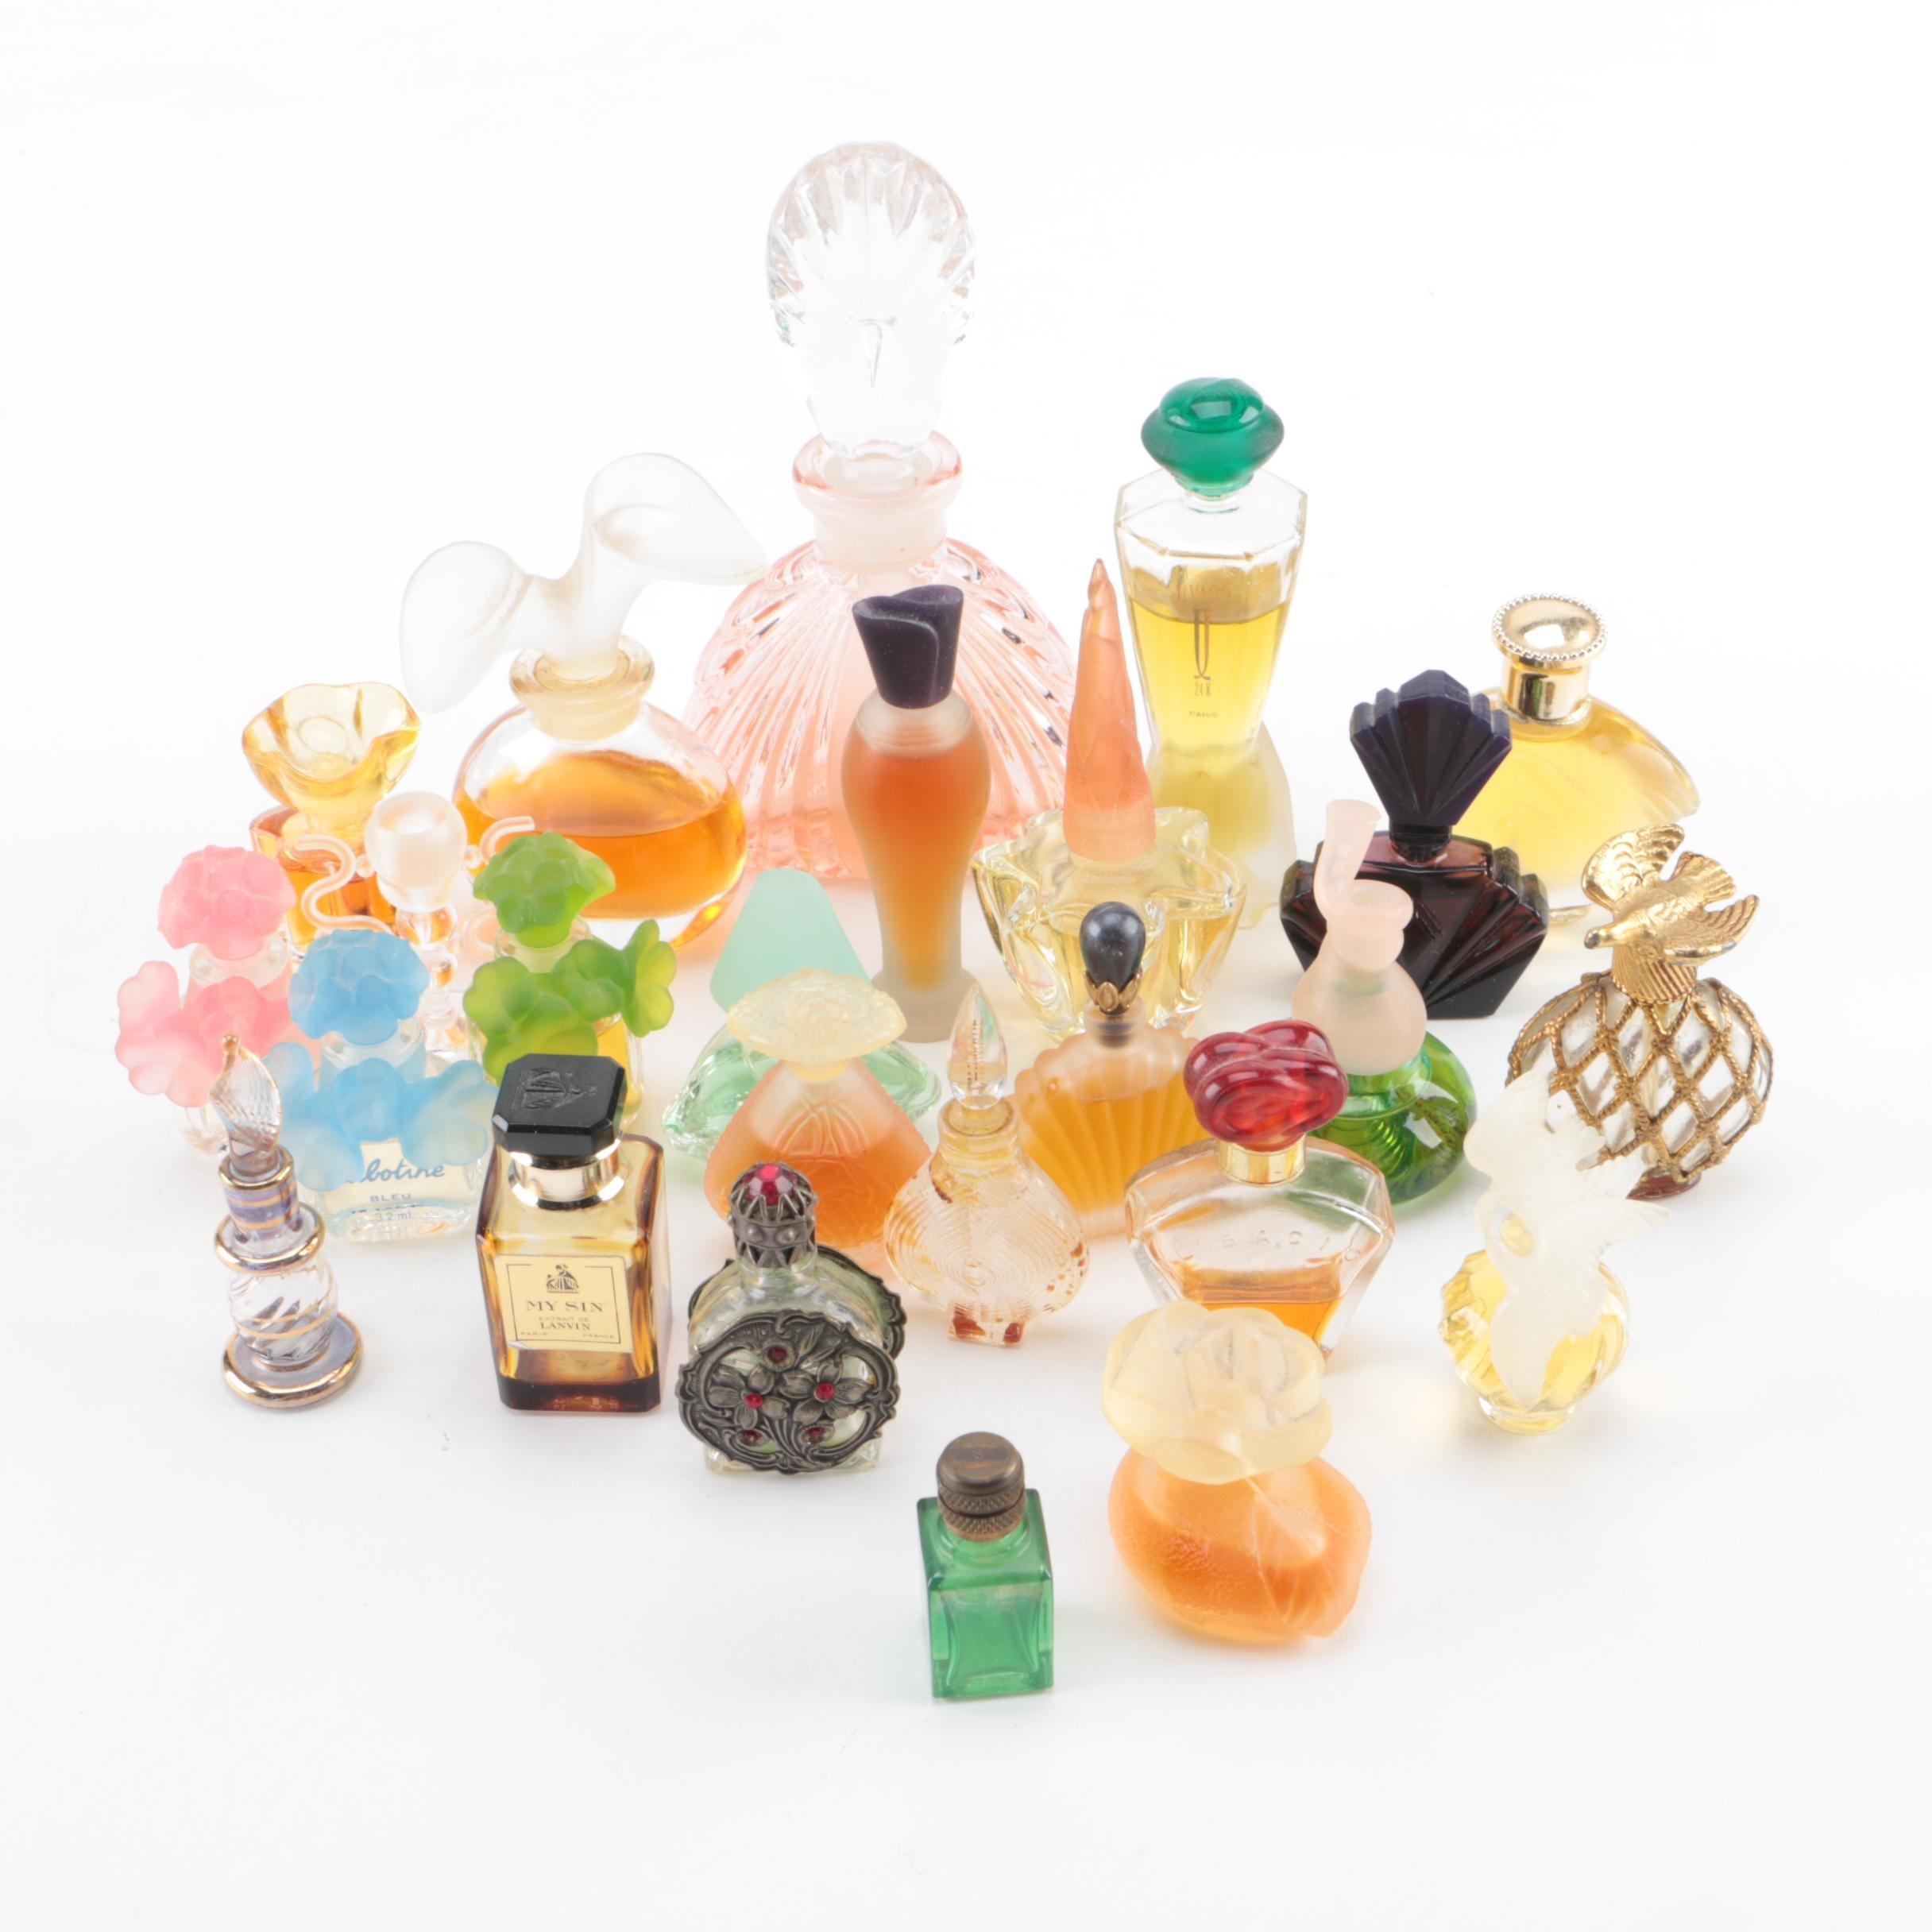 Perfume Including Oscar de la Renta